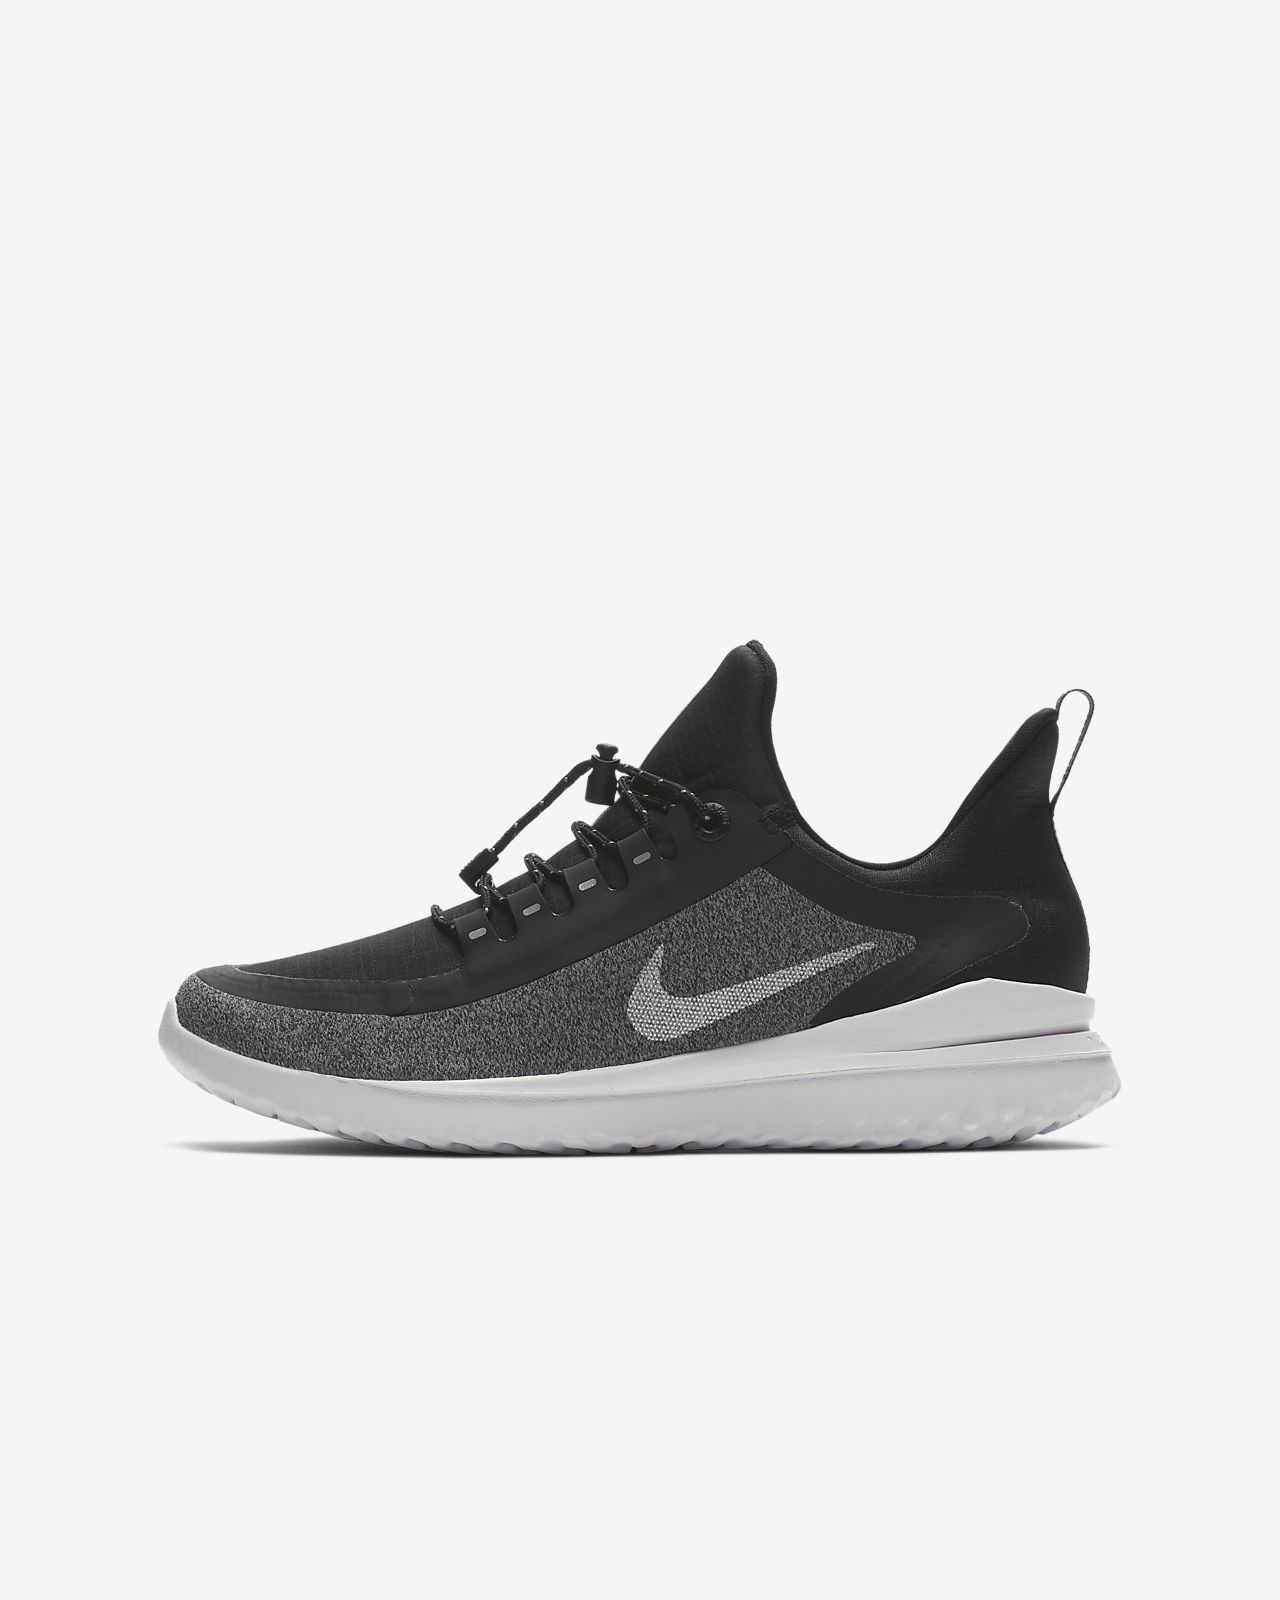 Chaussure de running Nike Renew Rival Shield pour Enfant plus âgé